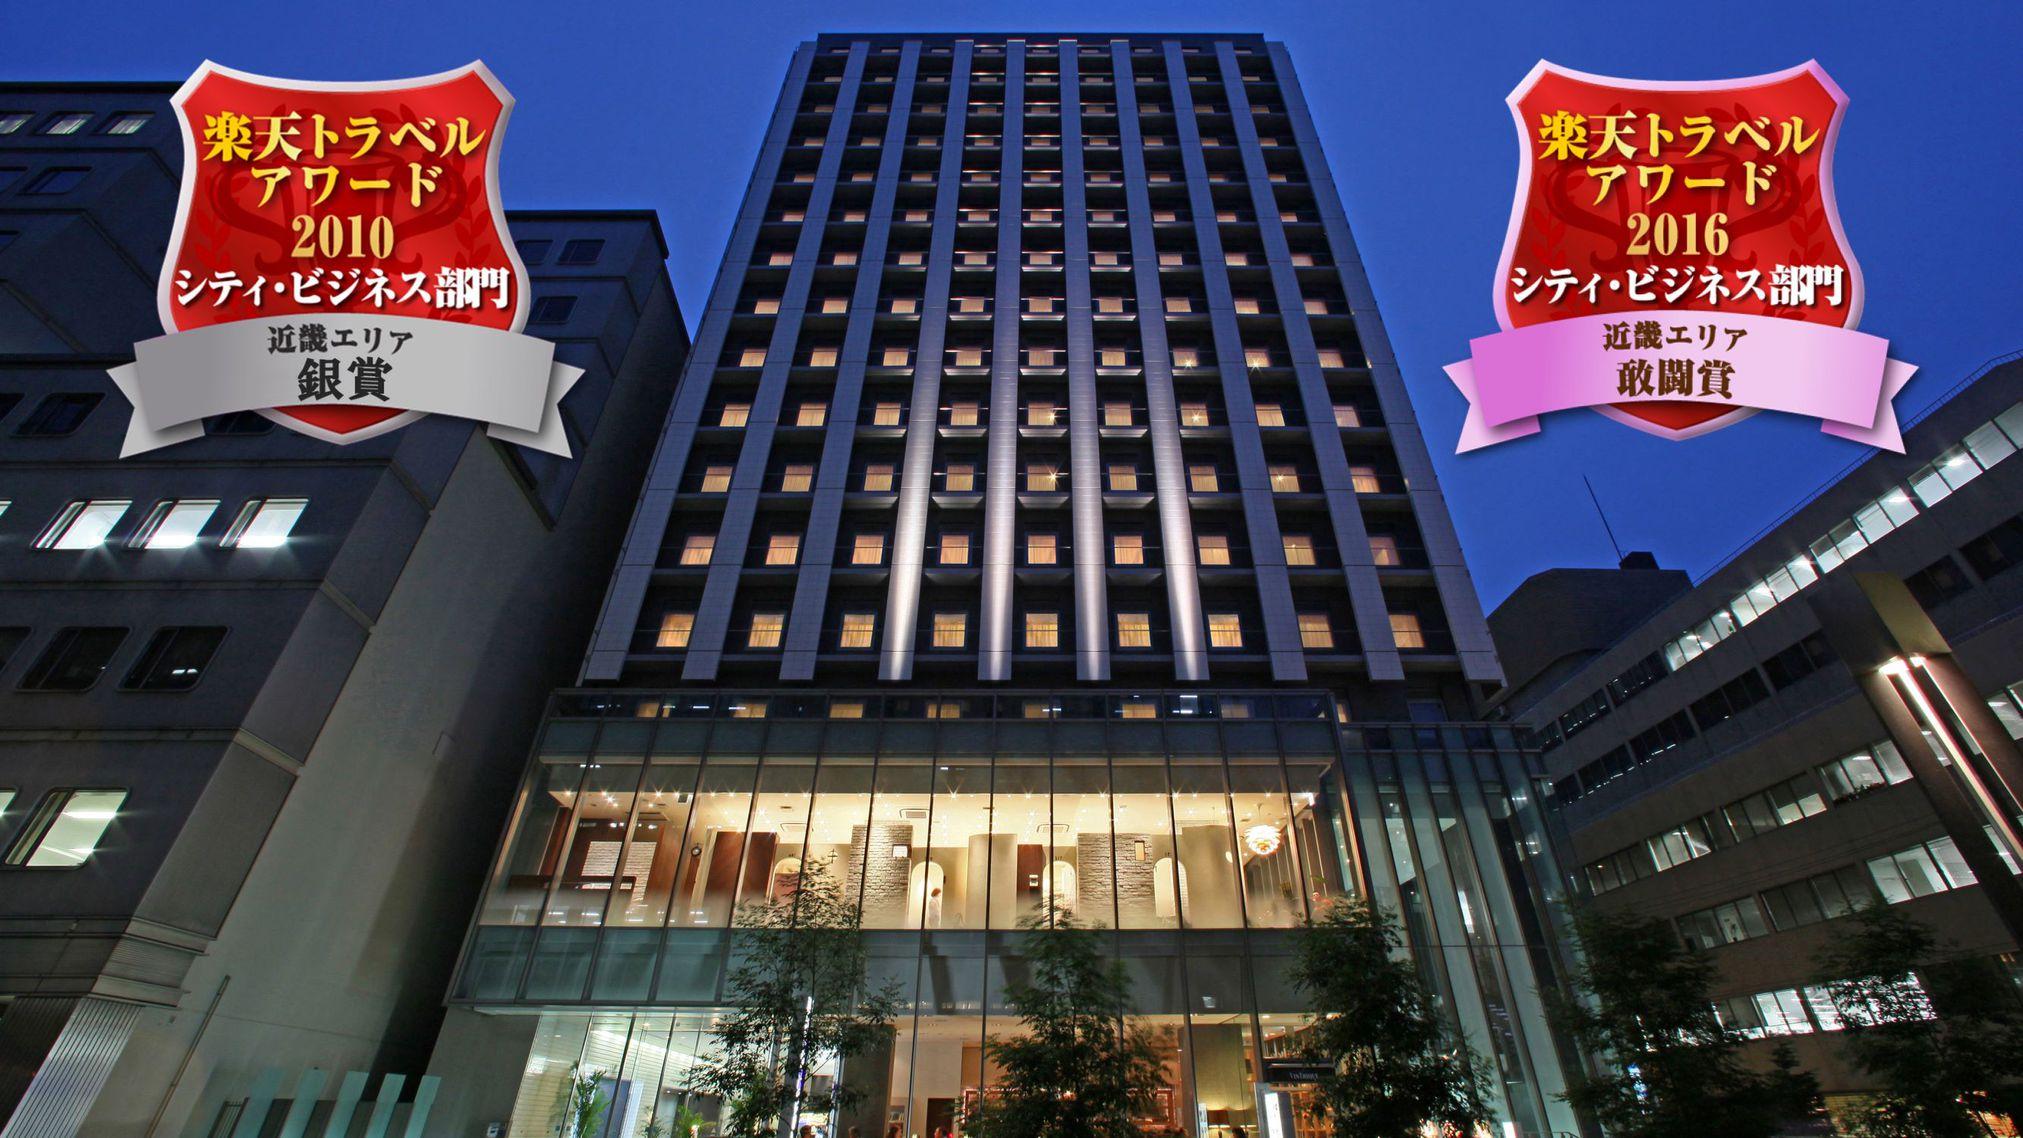 ホテルユニゾ大阪淀屋橋 image